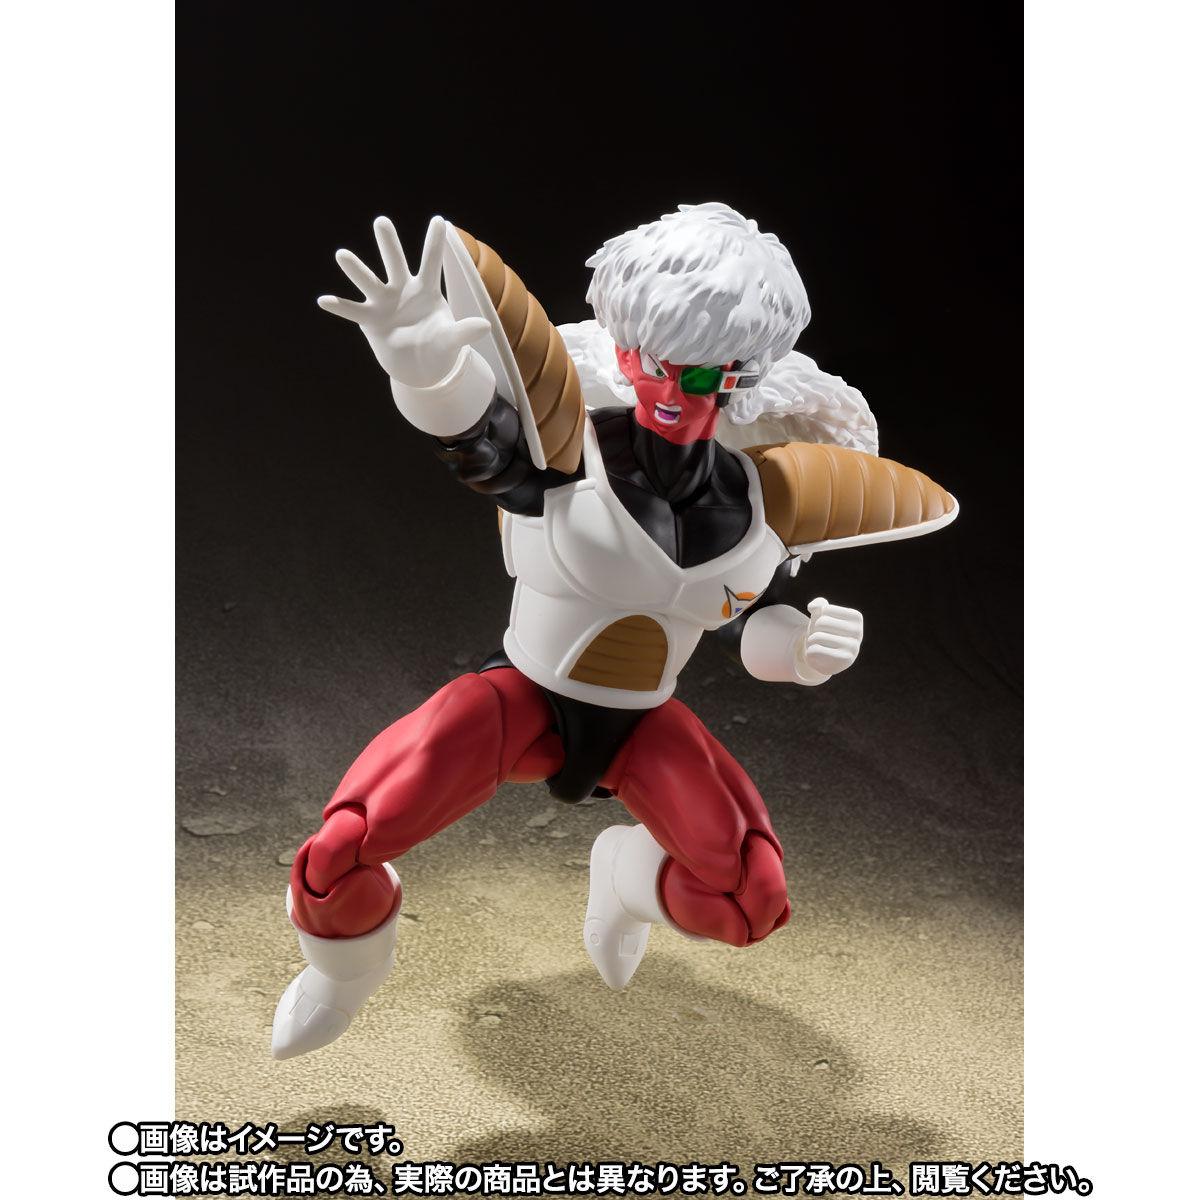 【限定販売】S.H.Figuarts『ジース』ドラゴンボールZ 可動フィギュア-006